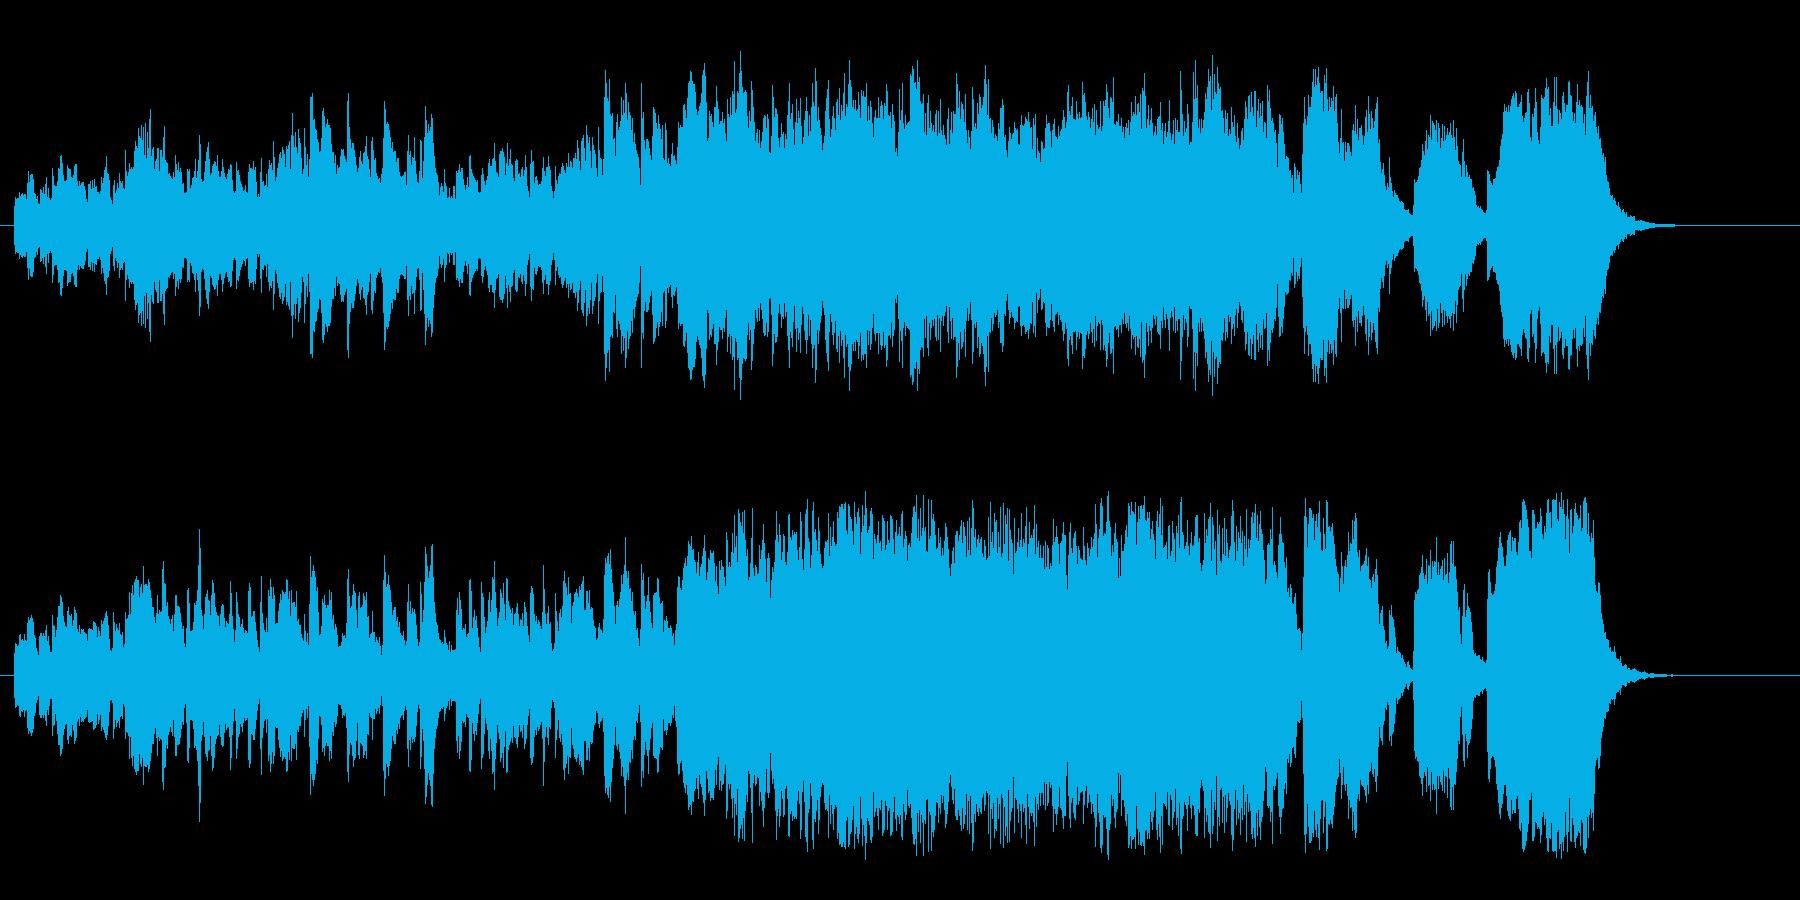 ほのぼのとしたクラシック・ミュージック風の再生済みの波形